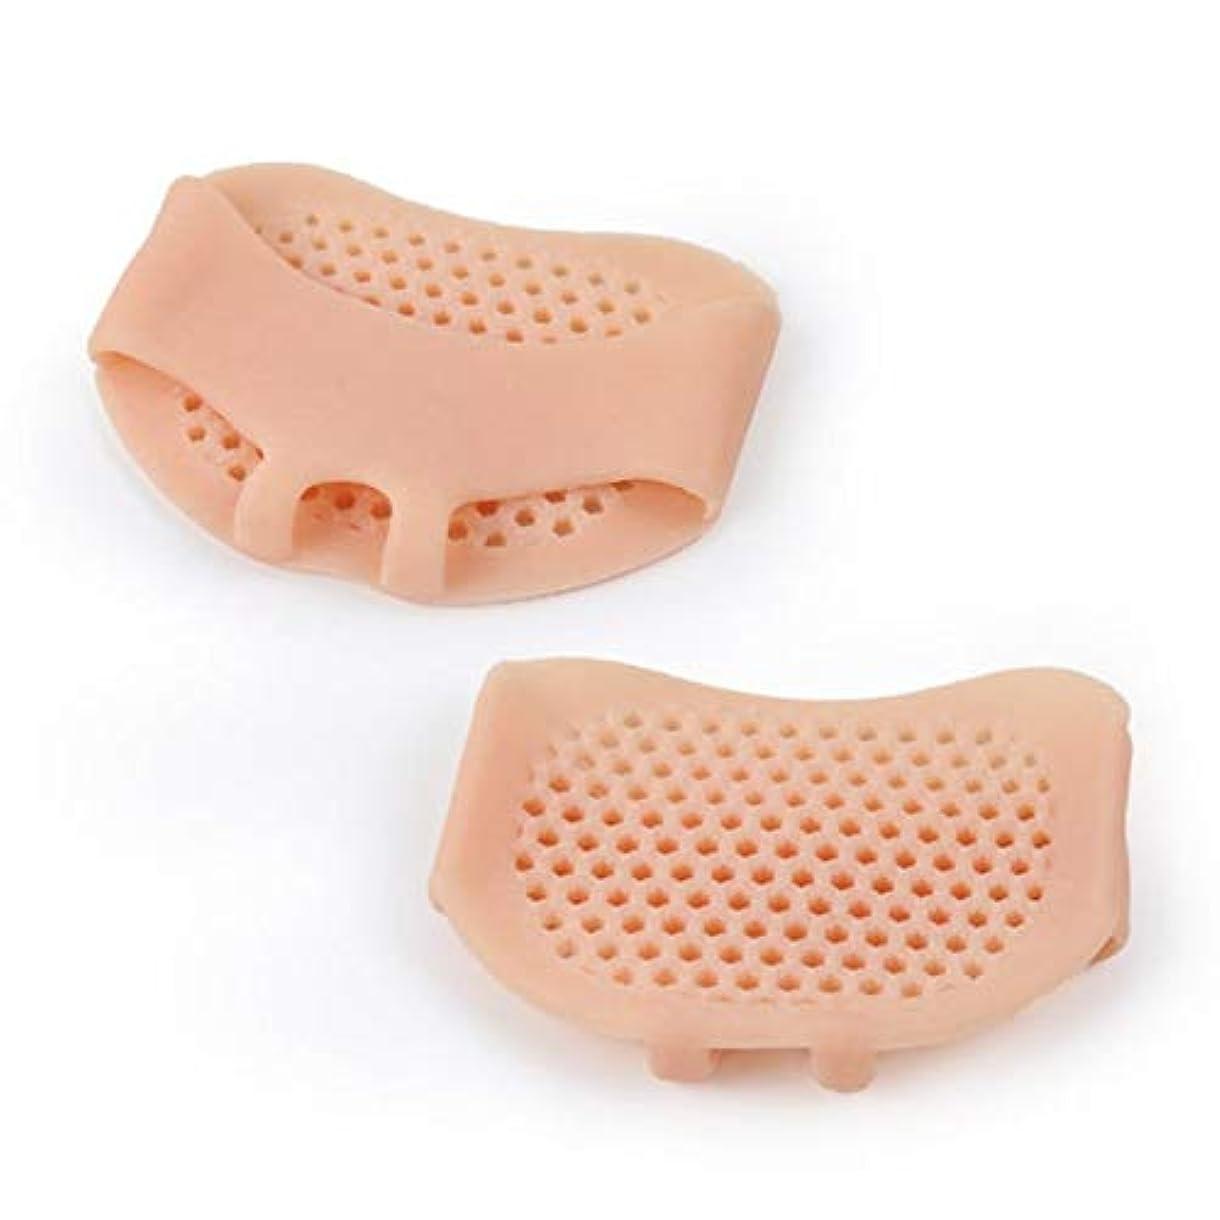 豚肉含める日食通気性ソフトシリコン女性インソールパッド滑り止め快適な女性フロントフットケアクッションハイヒールの靴パッド - 肌の色